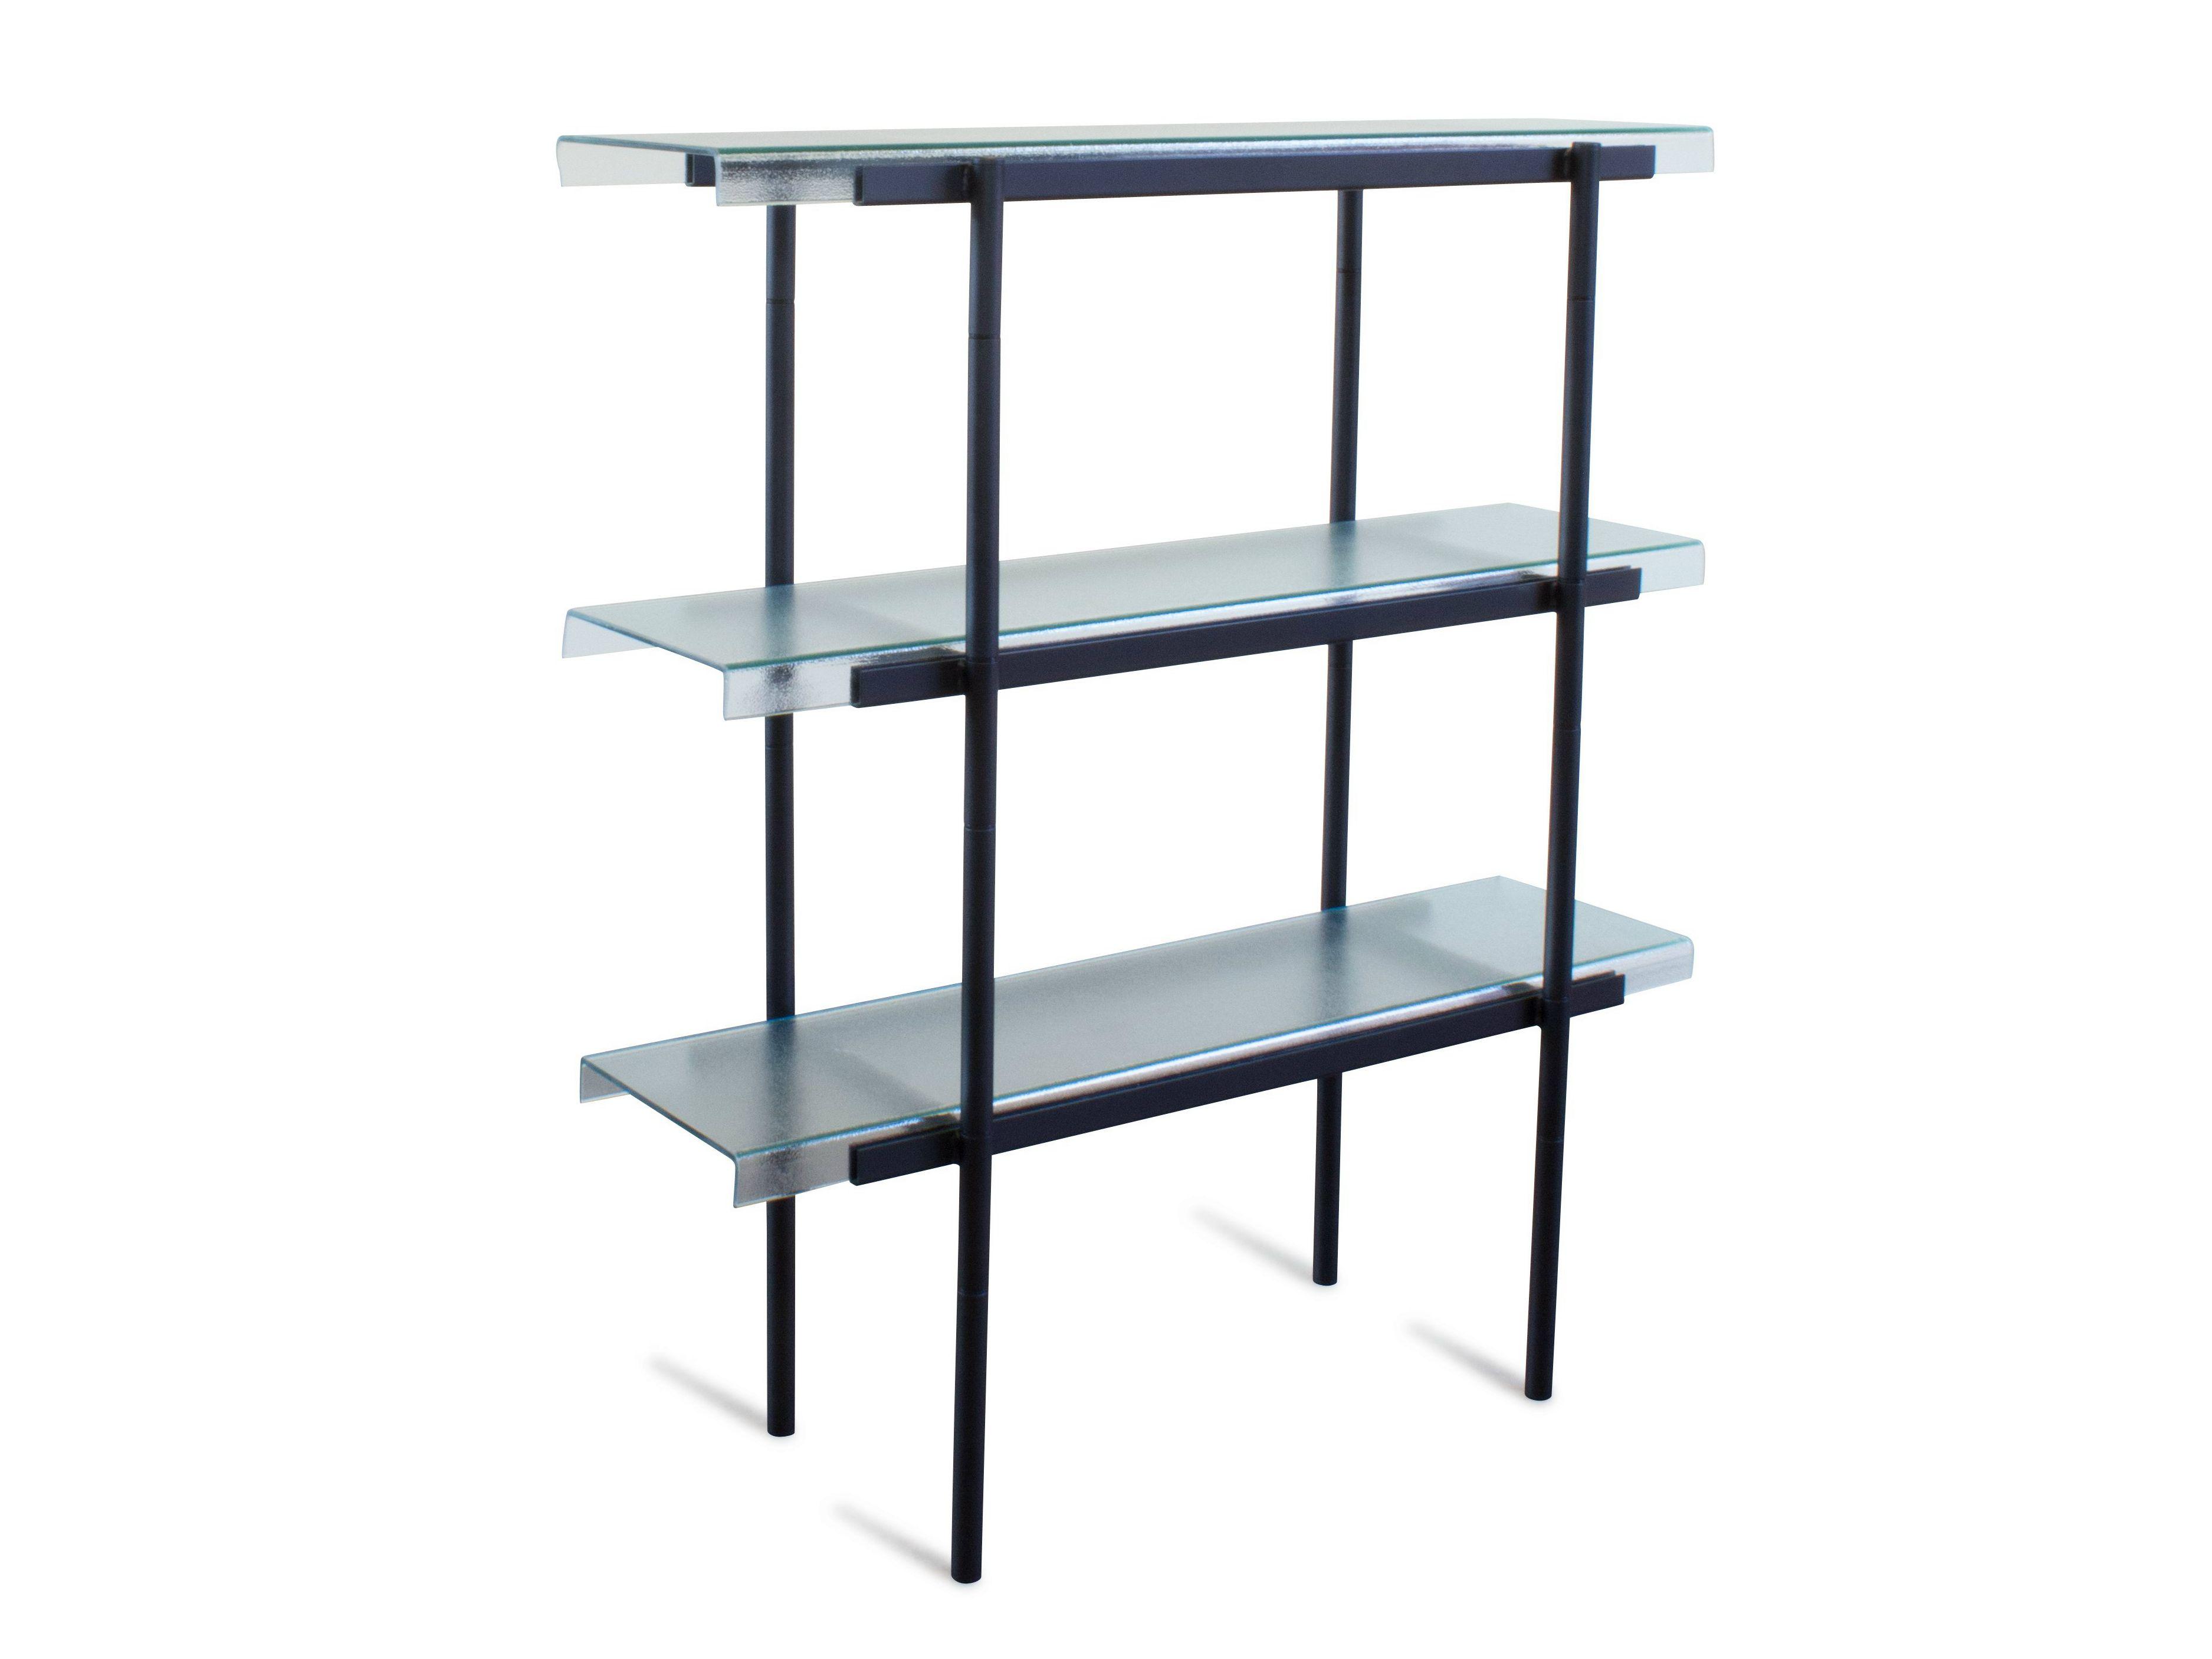 freistehendes b cherregal aus stahl und glas passerlle 100. Black Bedroom Furniture Sets. Home Design Ideas